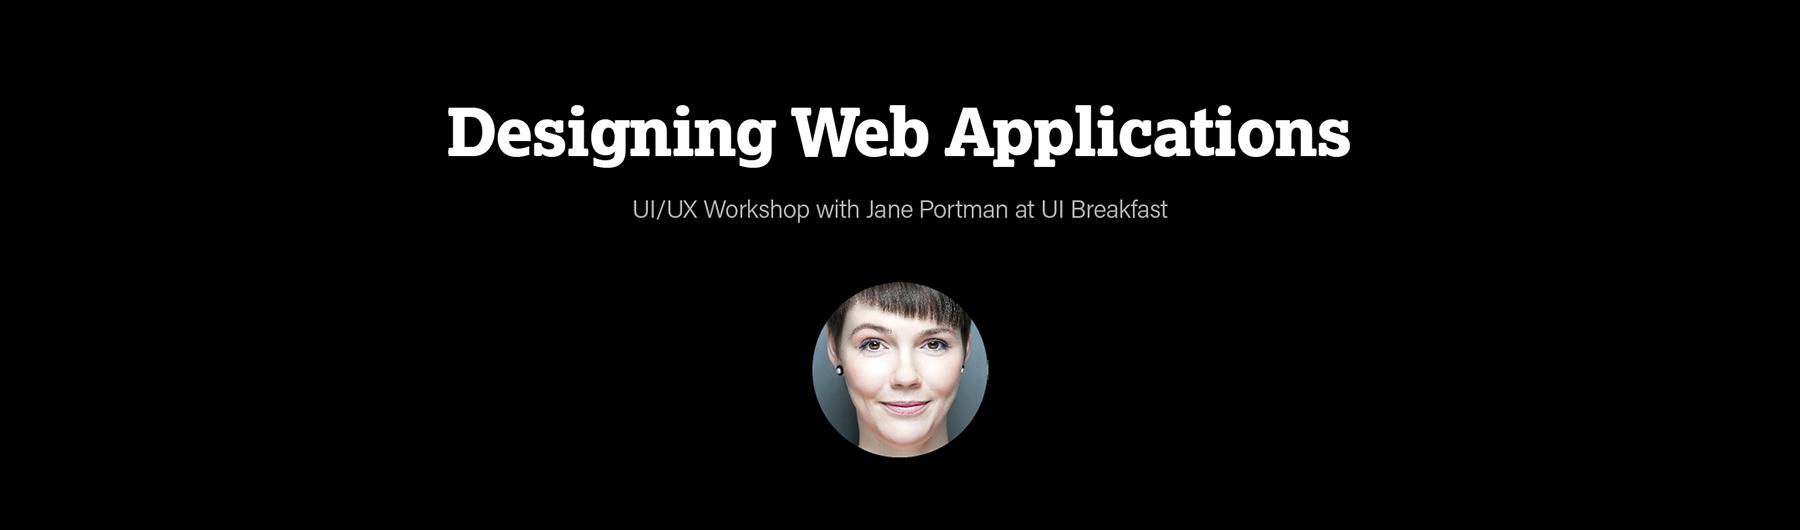 Designing Web Applications (Evening Workshop)